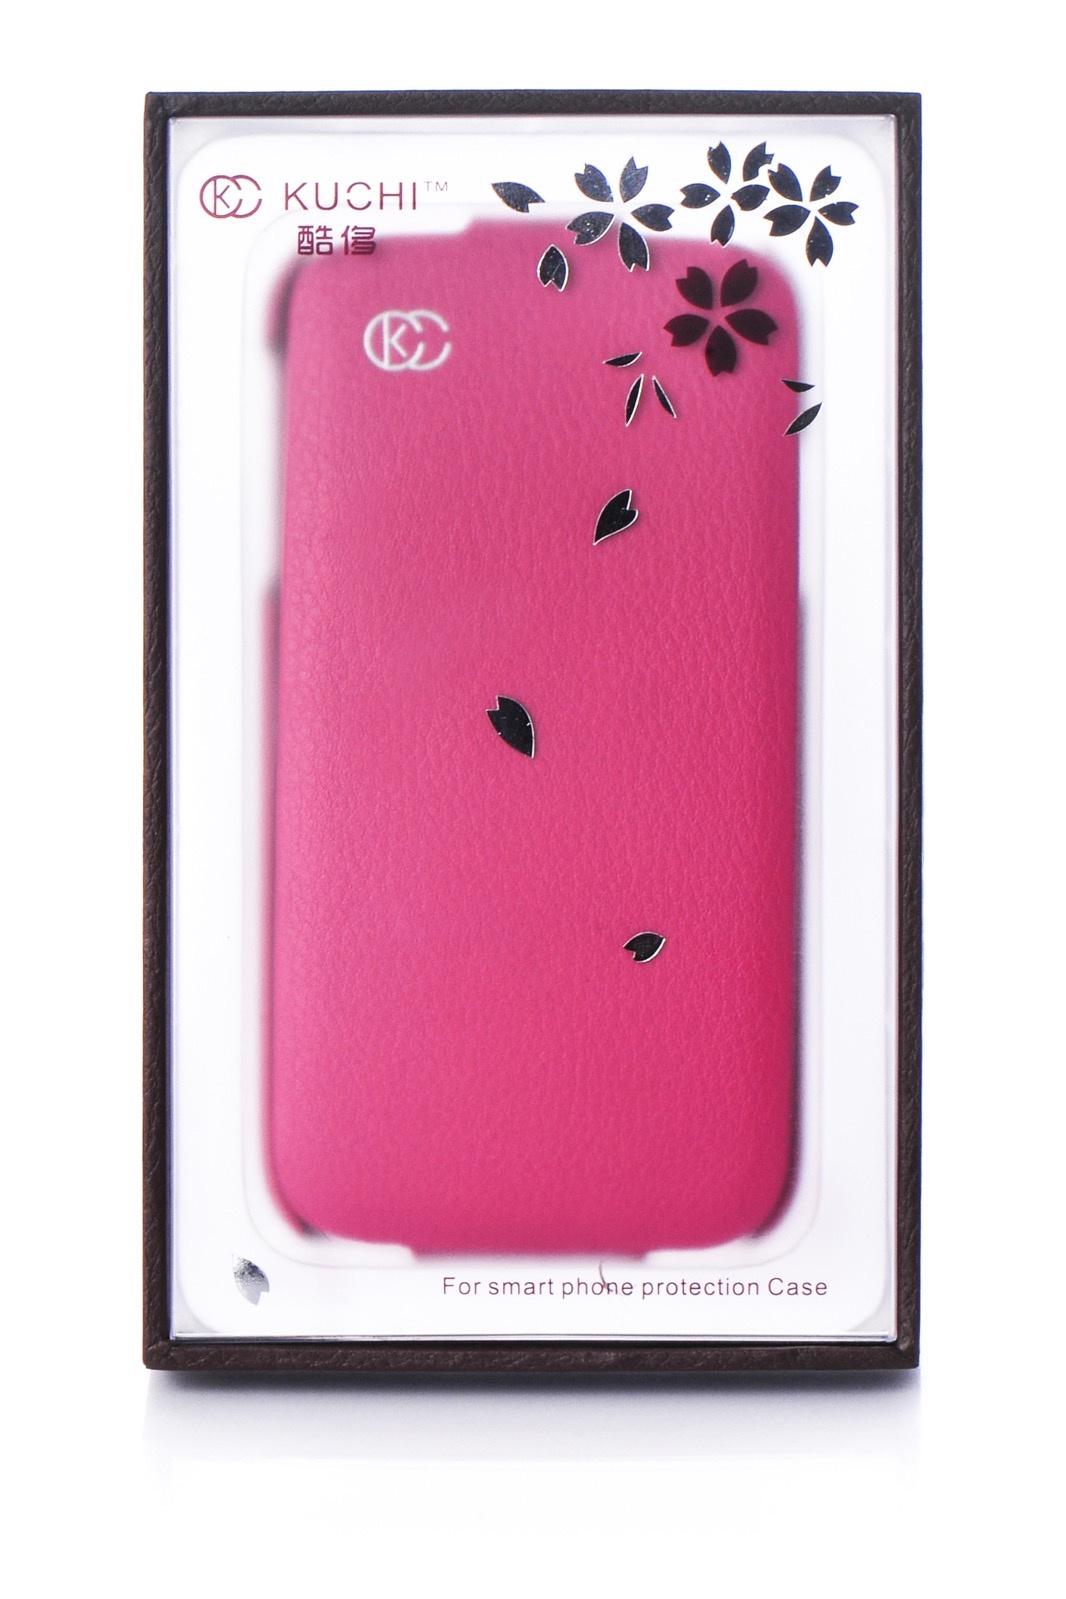 Чехол для сотового телефона Kuchi книжка экокожа 450010 для Samsung S4, розовый blue flower design кожа pu откидной крышки кошелек карты держатель чехол для samsung j5prime